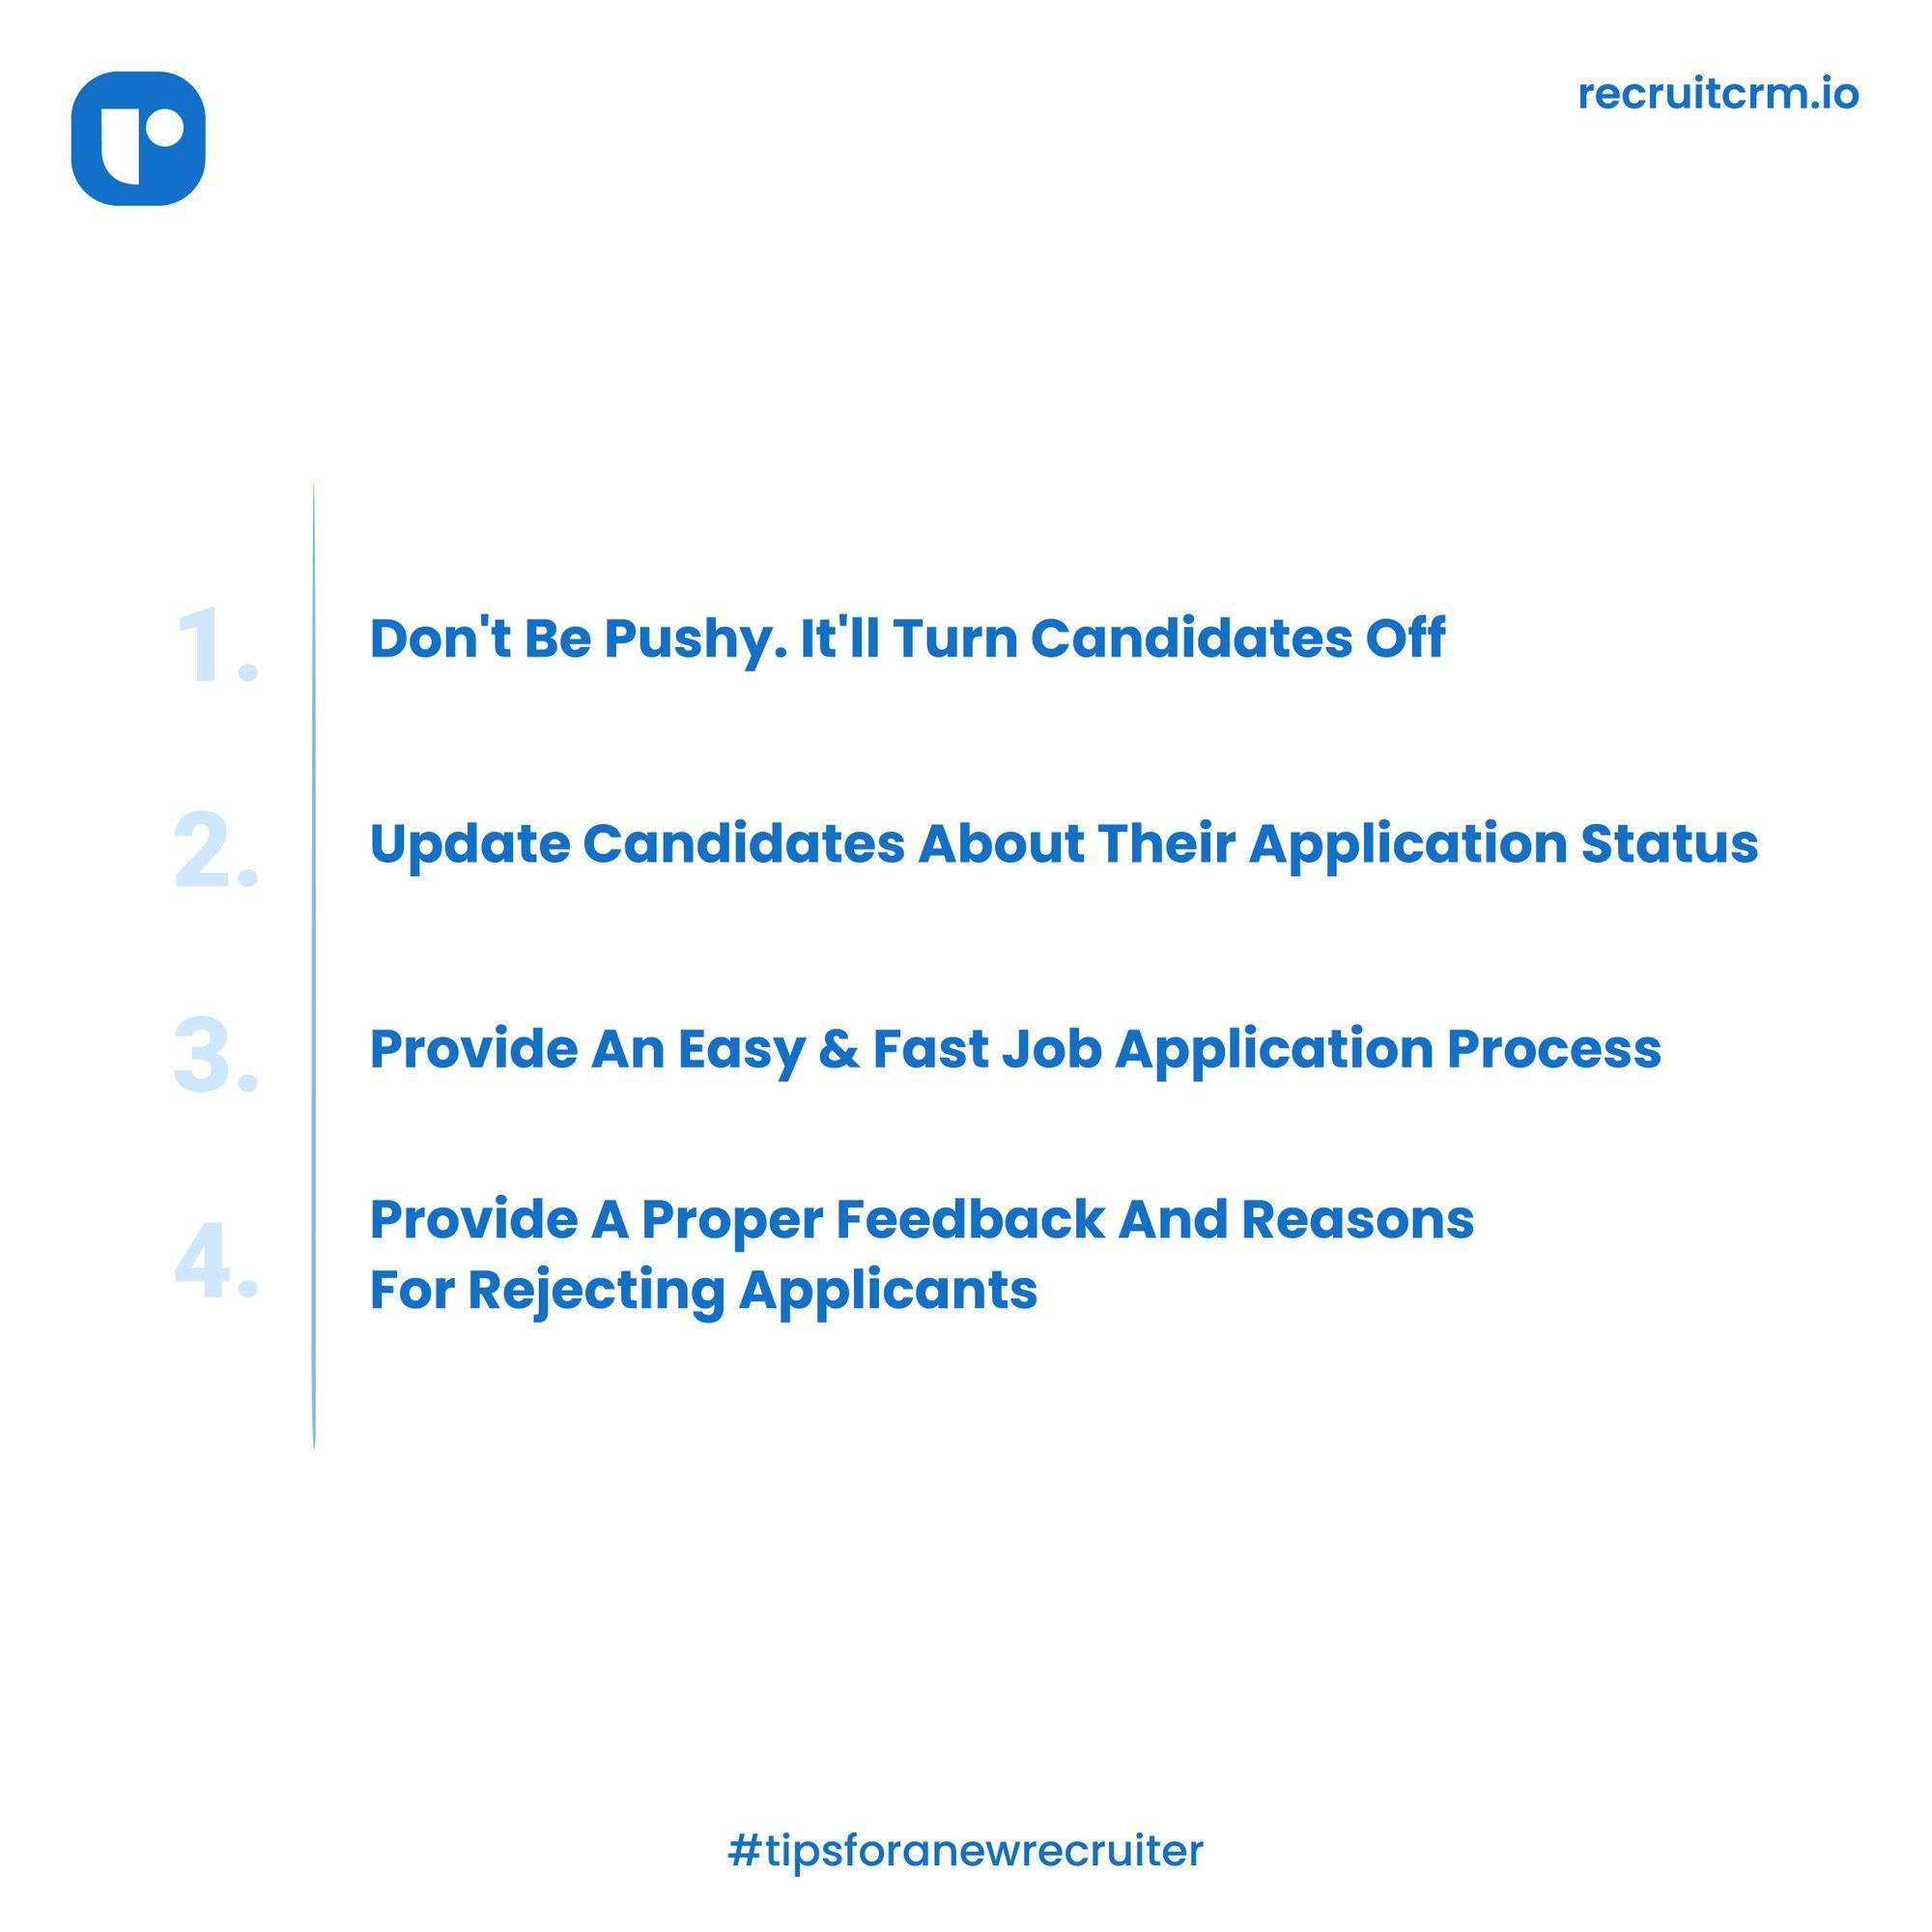 best recruitment tips